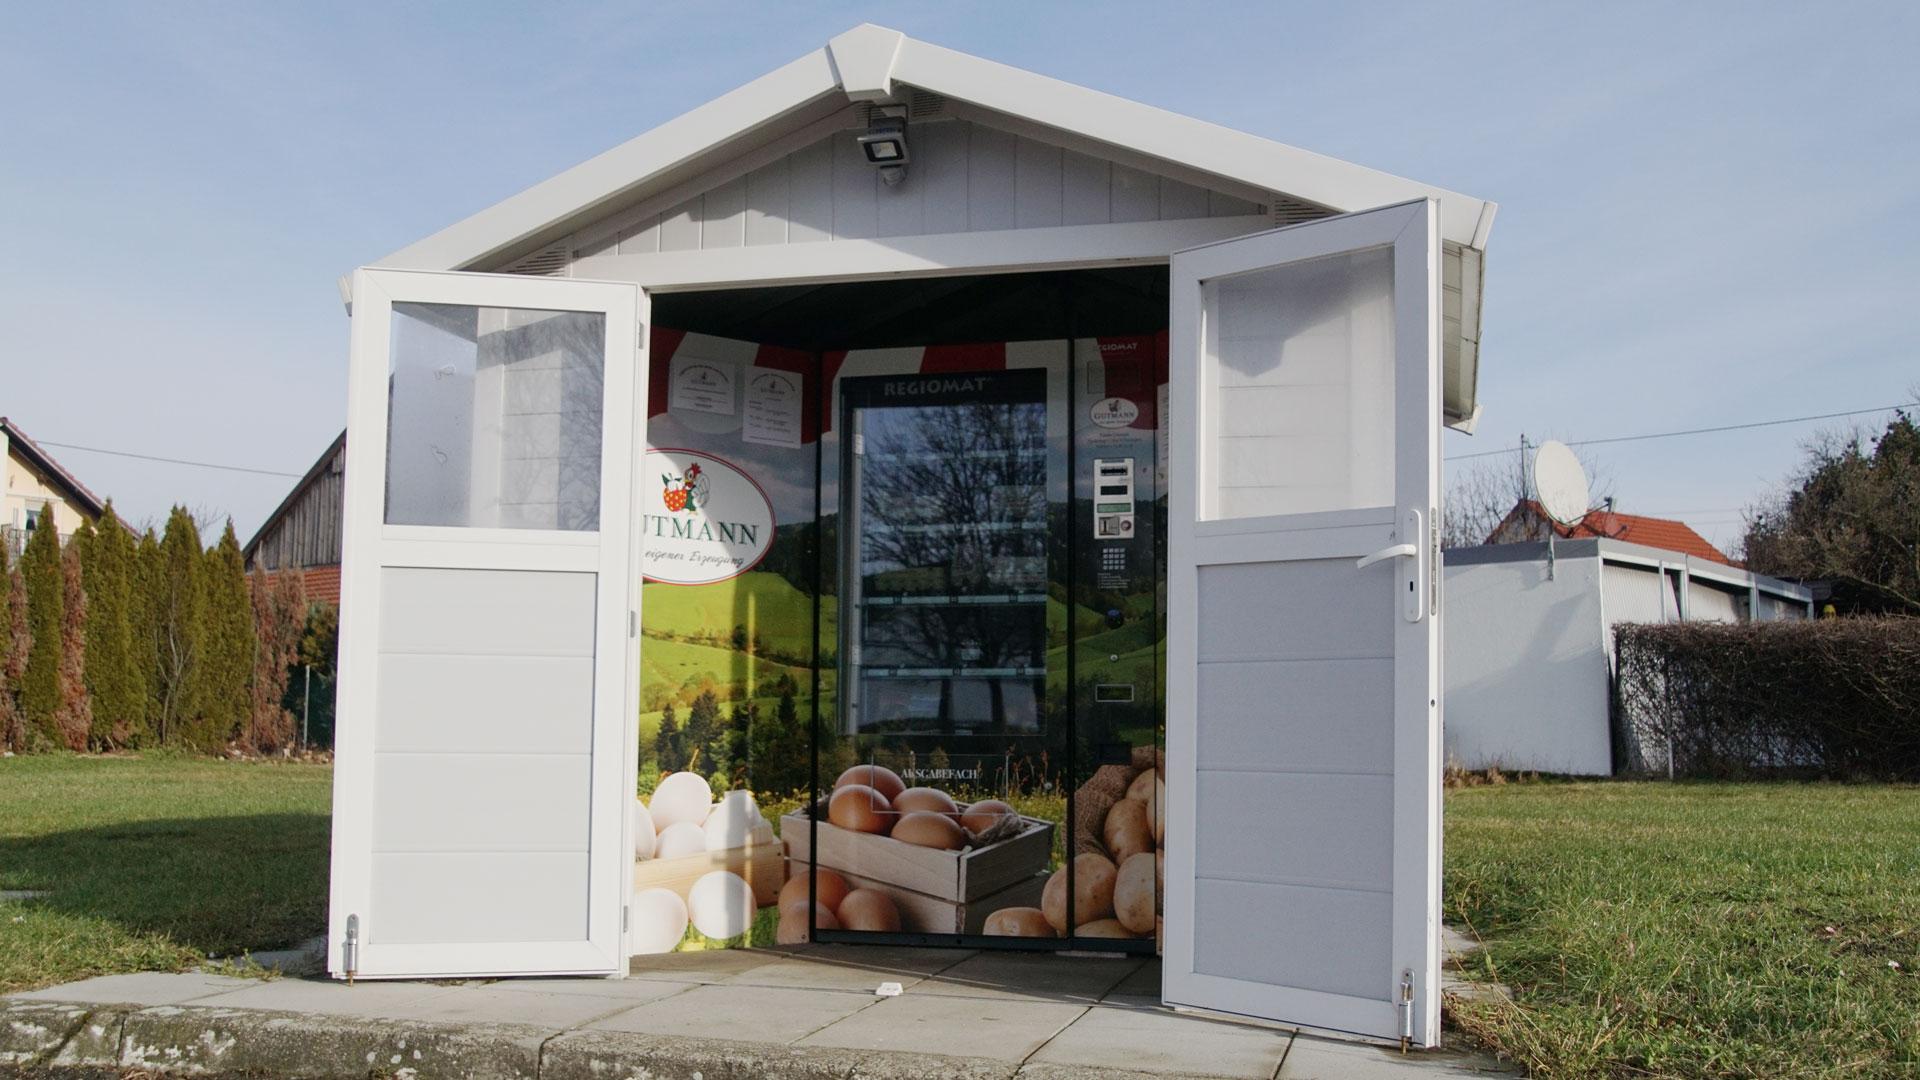 Hofladen + Automat2Verkaufsautomat